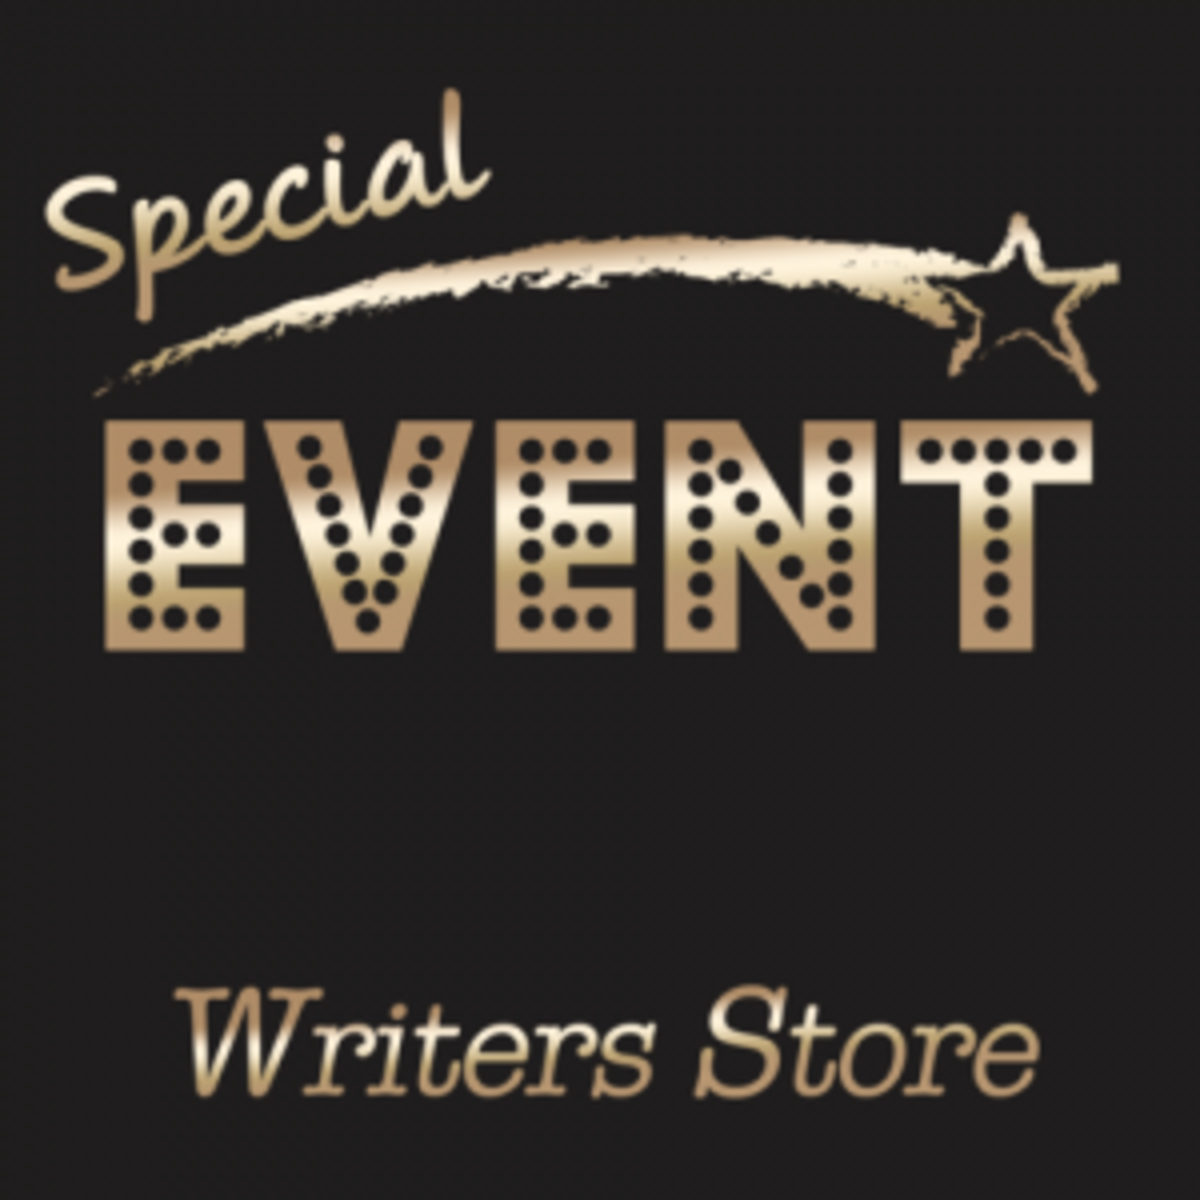 special-event-writers-store-2_medium